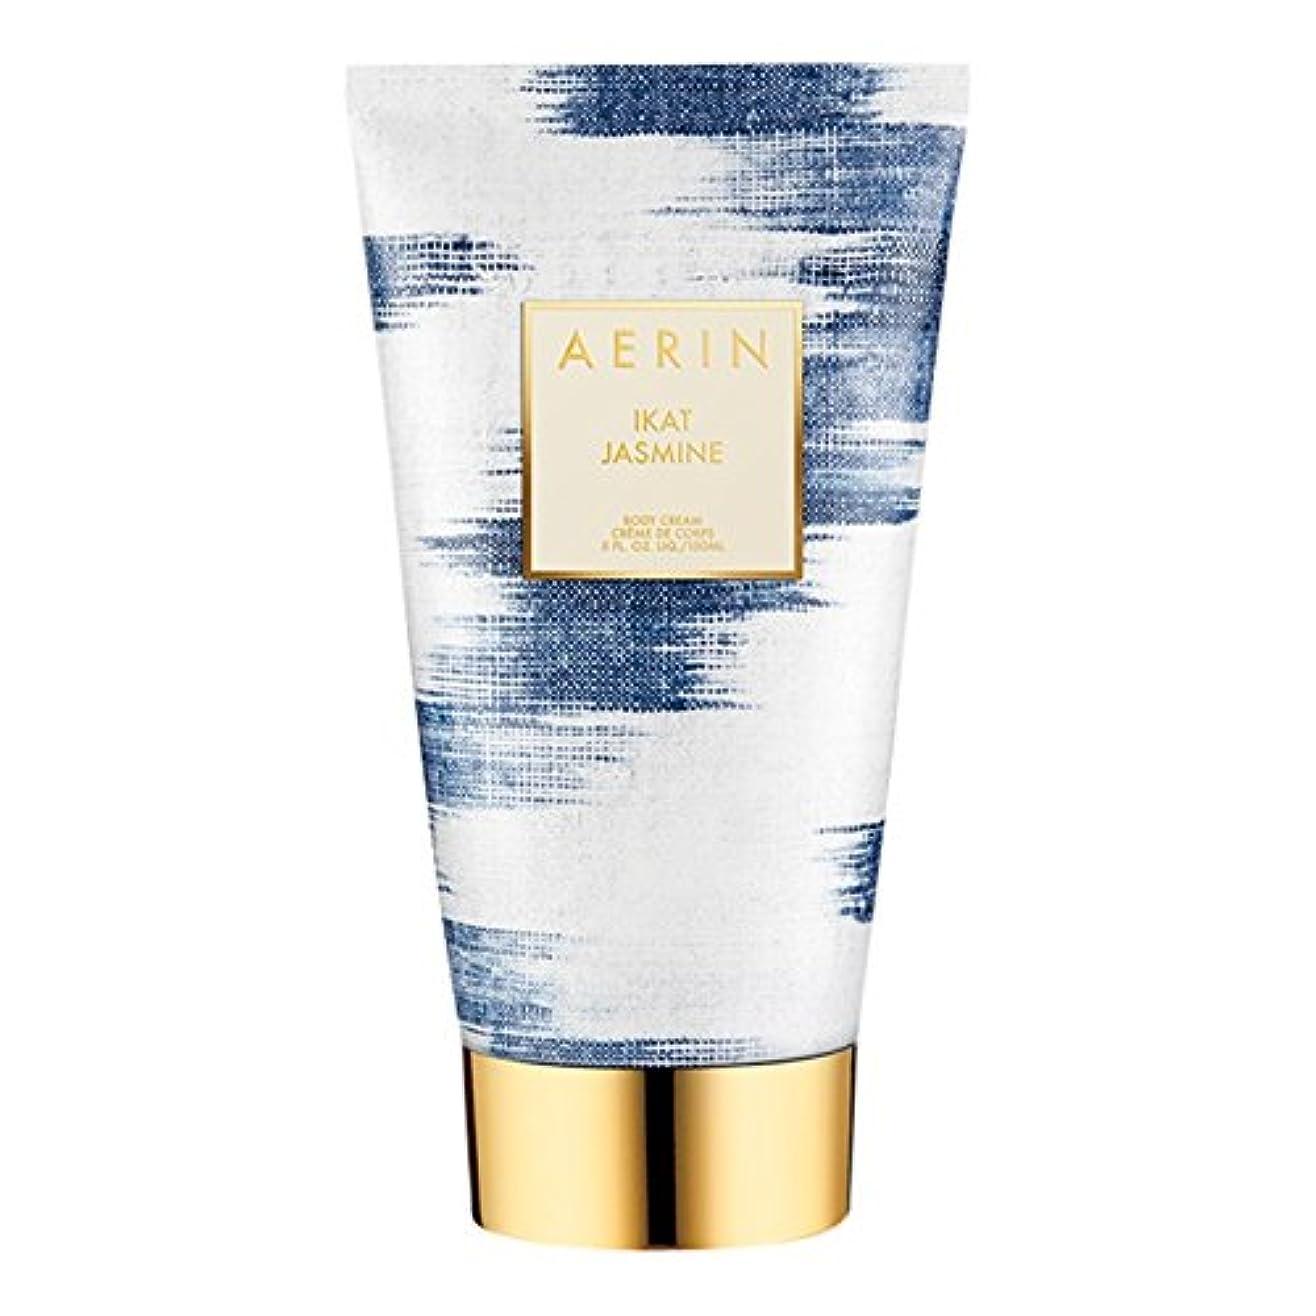 ボウリングはっきりとみなすAerinイカットジャスミンボディクリーム150ミリリットル (AERIN) (x2) - AERIN Ikat Jasmine Body Cream 150ml (Pack of 2) [並行輸入品]